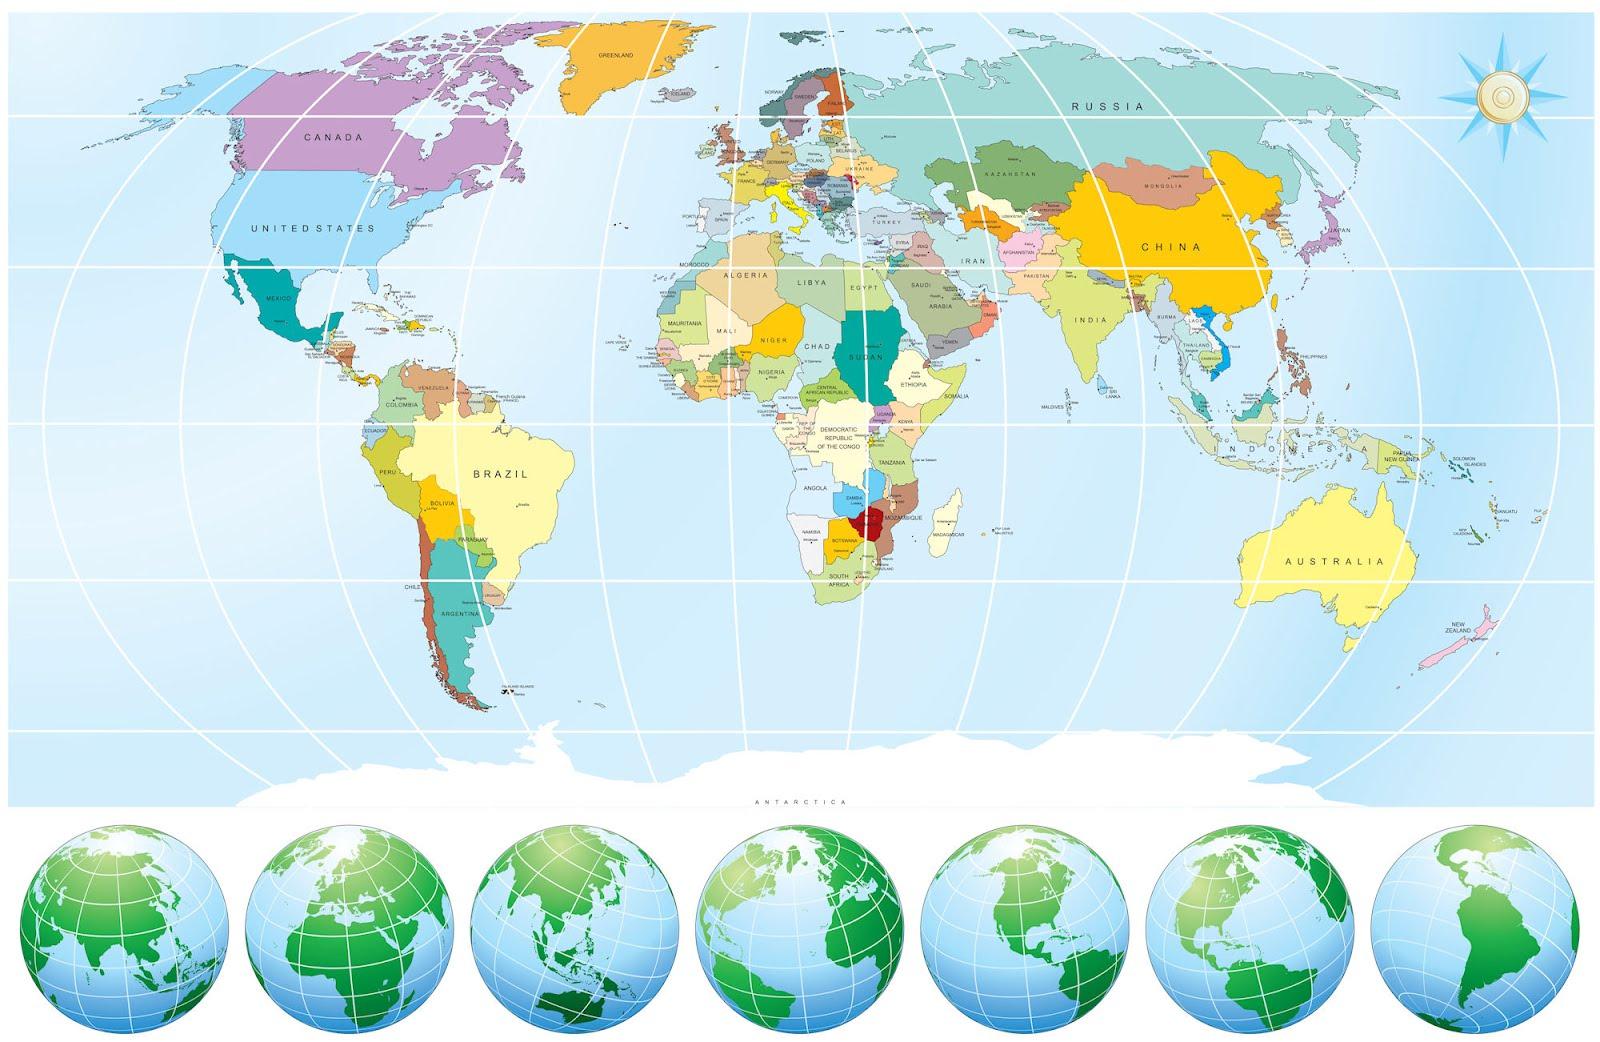 Banco de imgenes Mapa del mundo para maestros y estudiantes